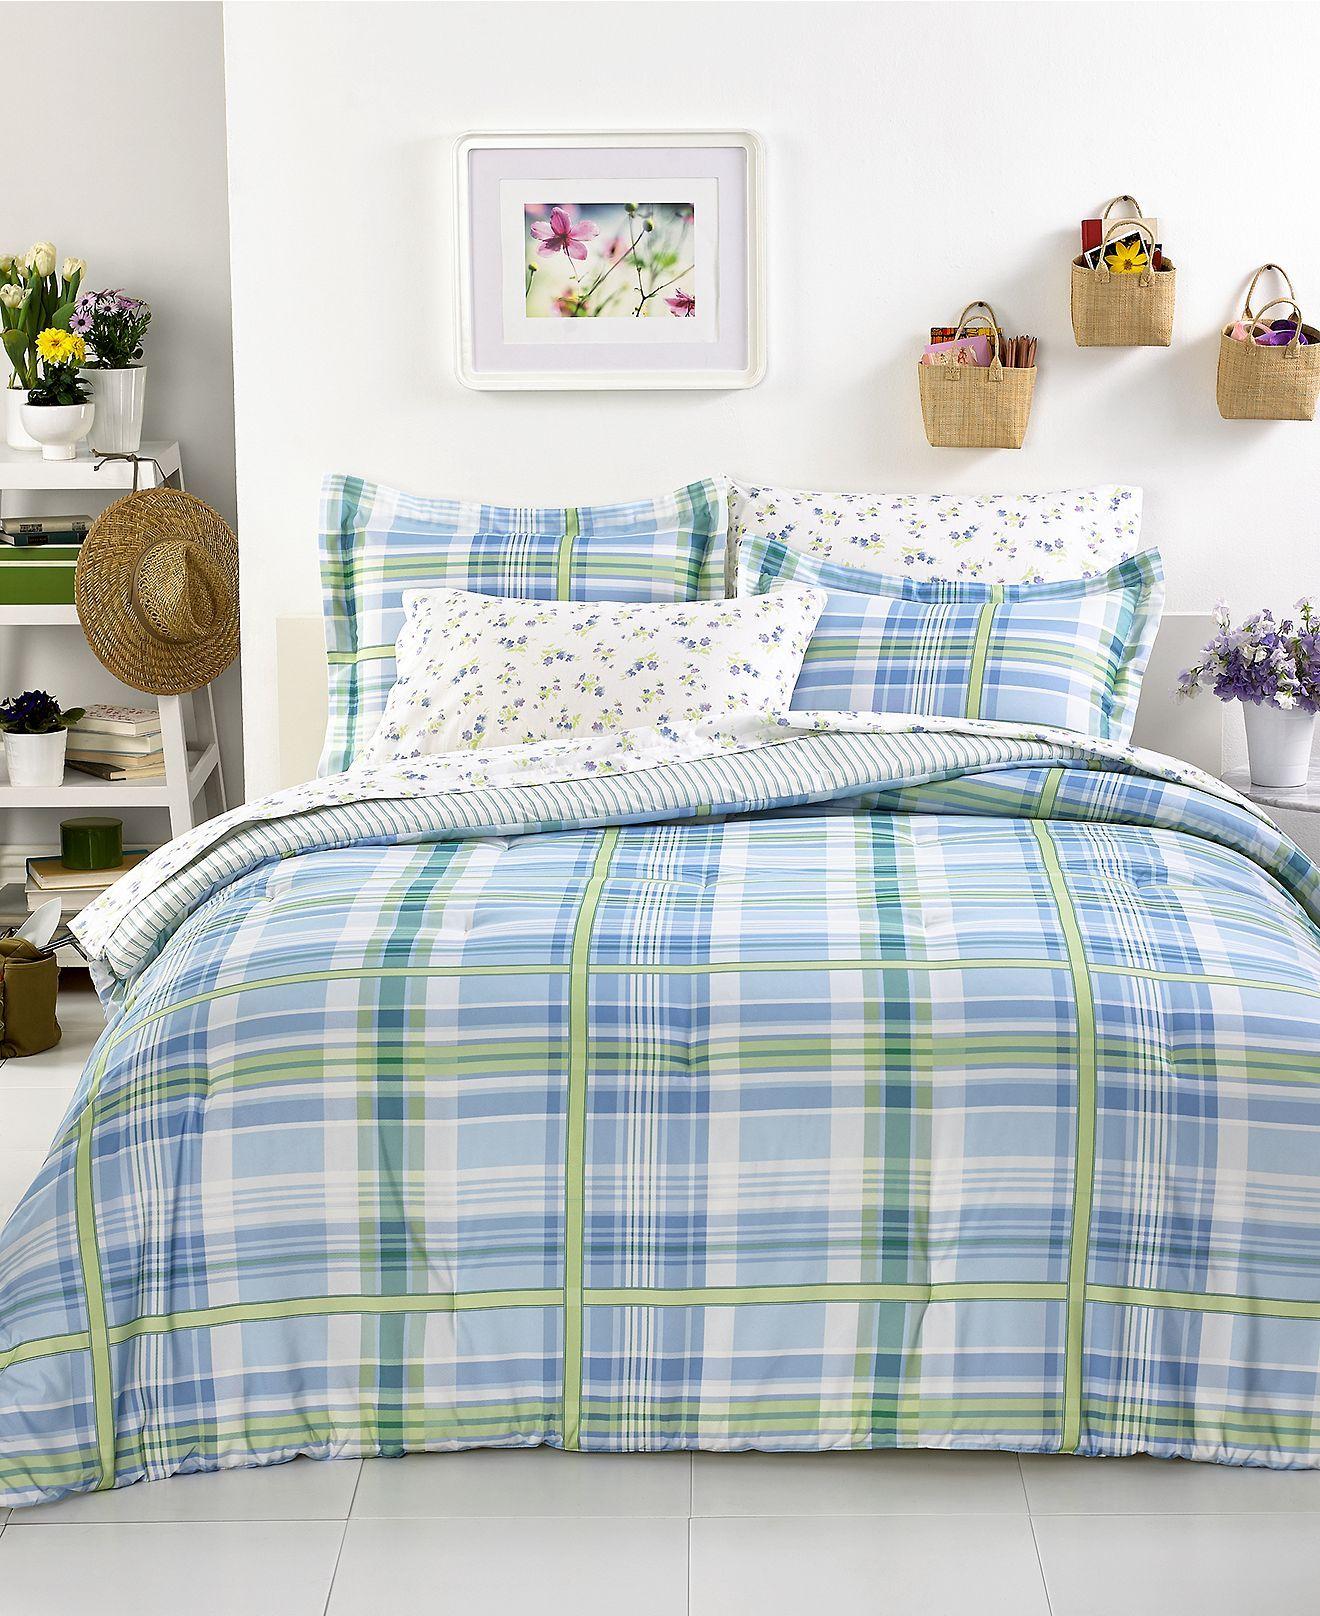 Tommy Hilfiger Bedding Blue Hill Comforter Sets Bedding